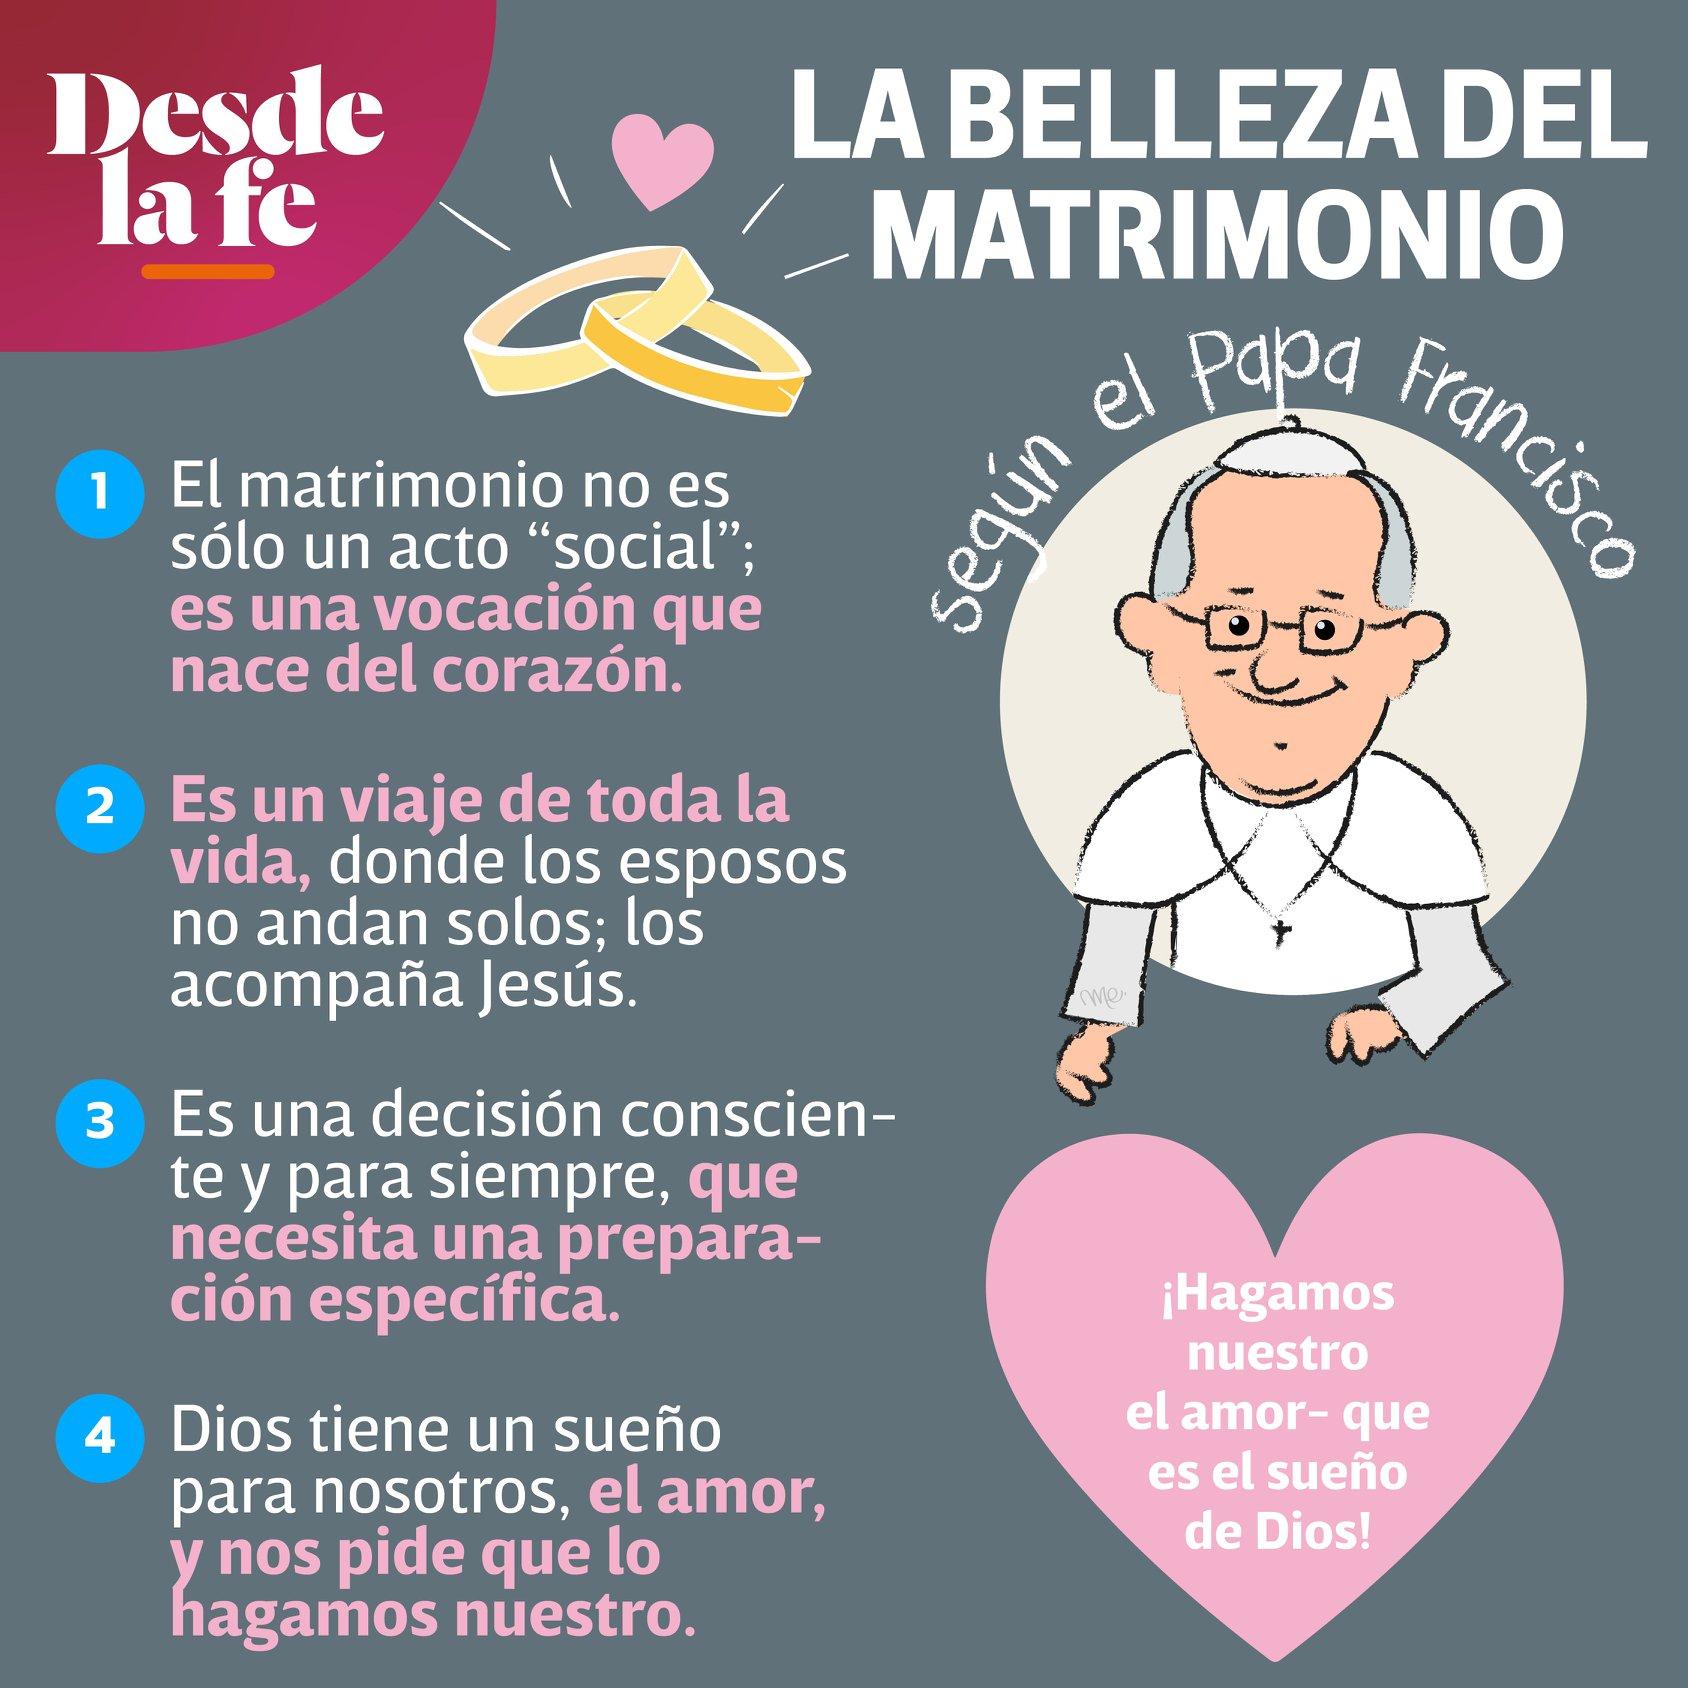 La belleza del Matrimonio, según el Papa Francisco.